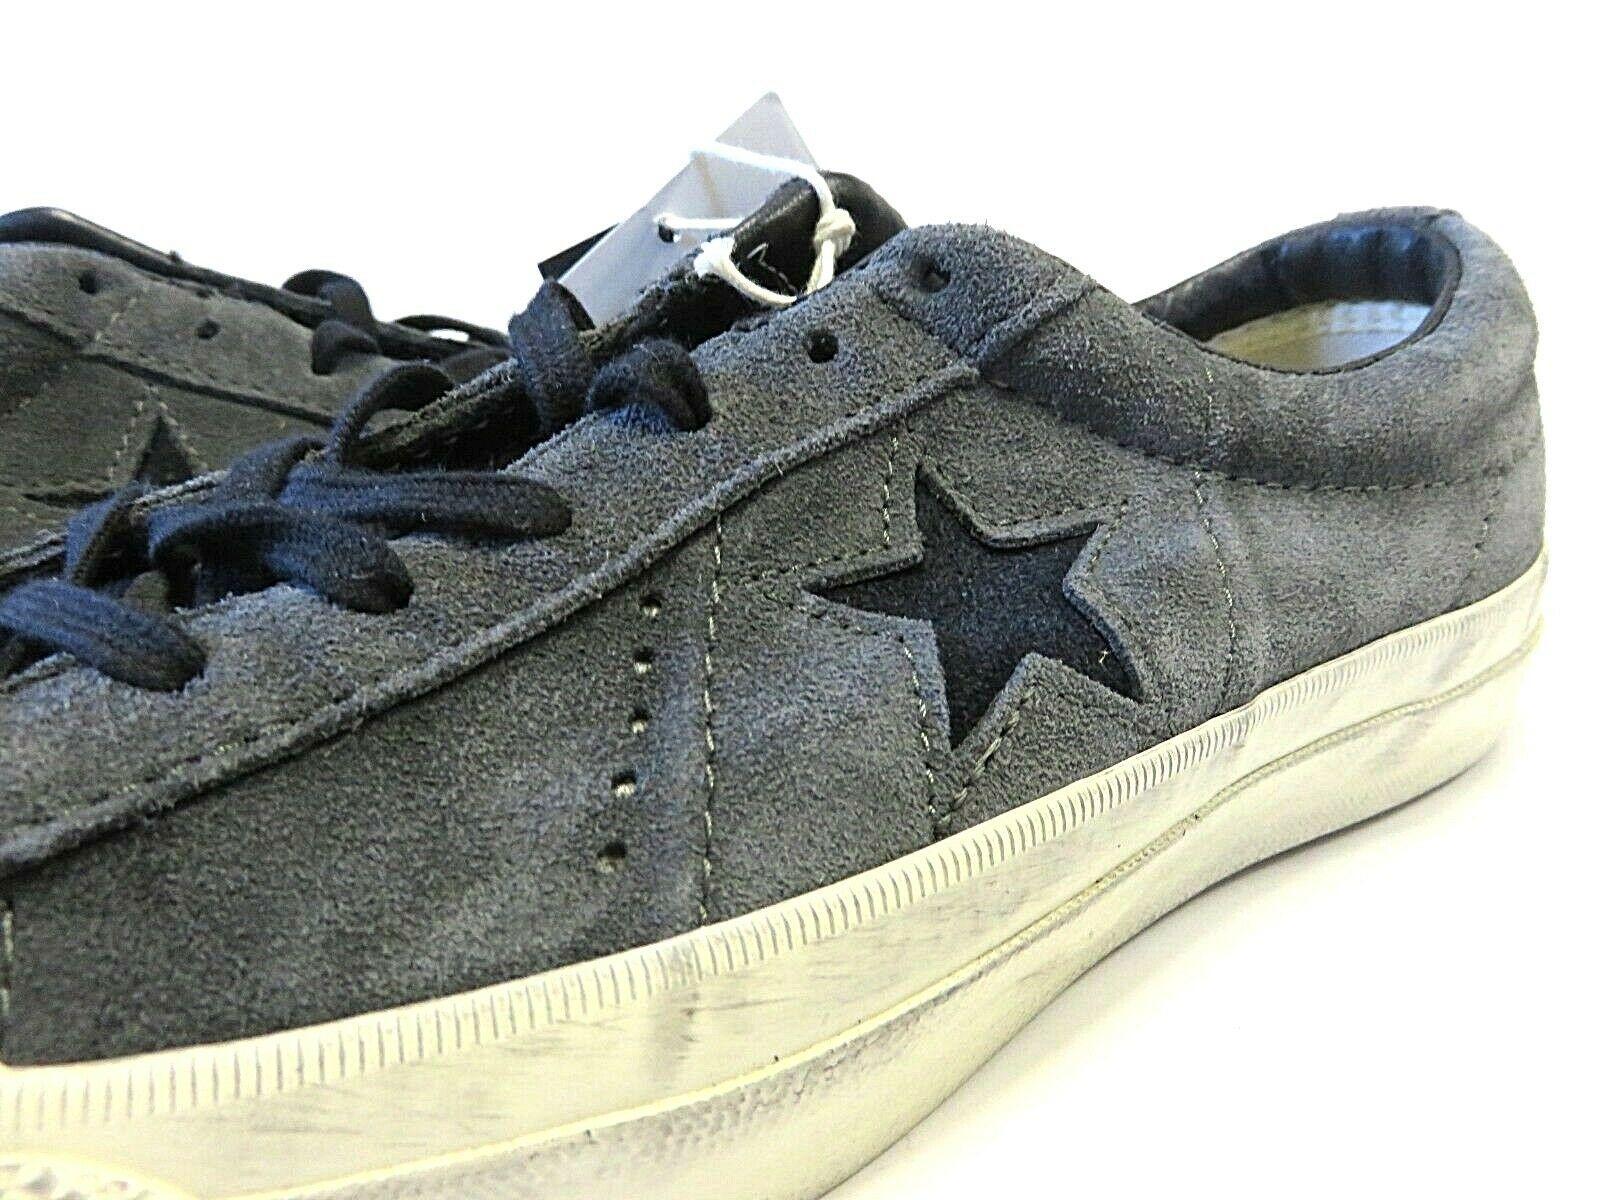 NEW Converse x John Varvatos Grey Star Shoes Size Men's 5.5 Women's 7.5 Low Top image 2